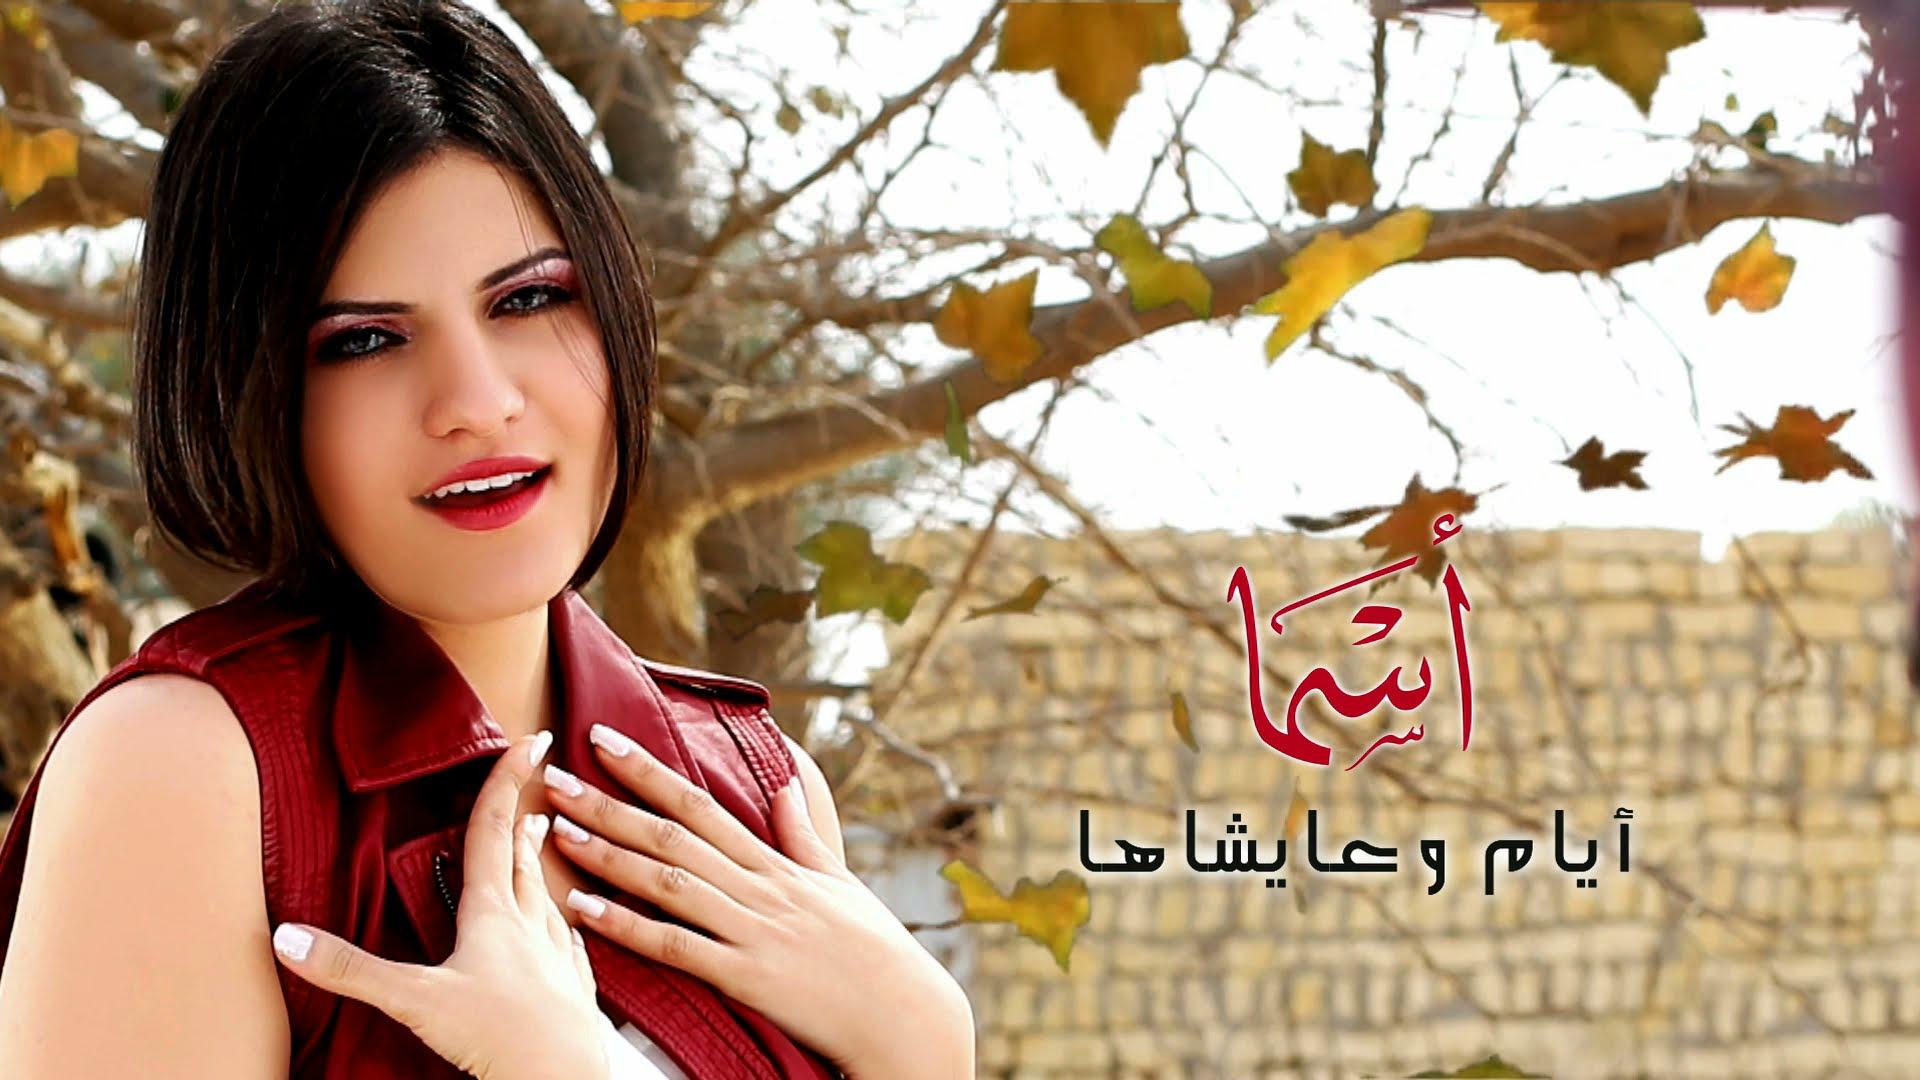 كلمات اغنية ايام وعيشاها اسما رفاعى 2015 كاملة مكتوبة